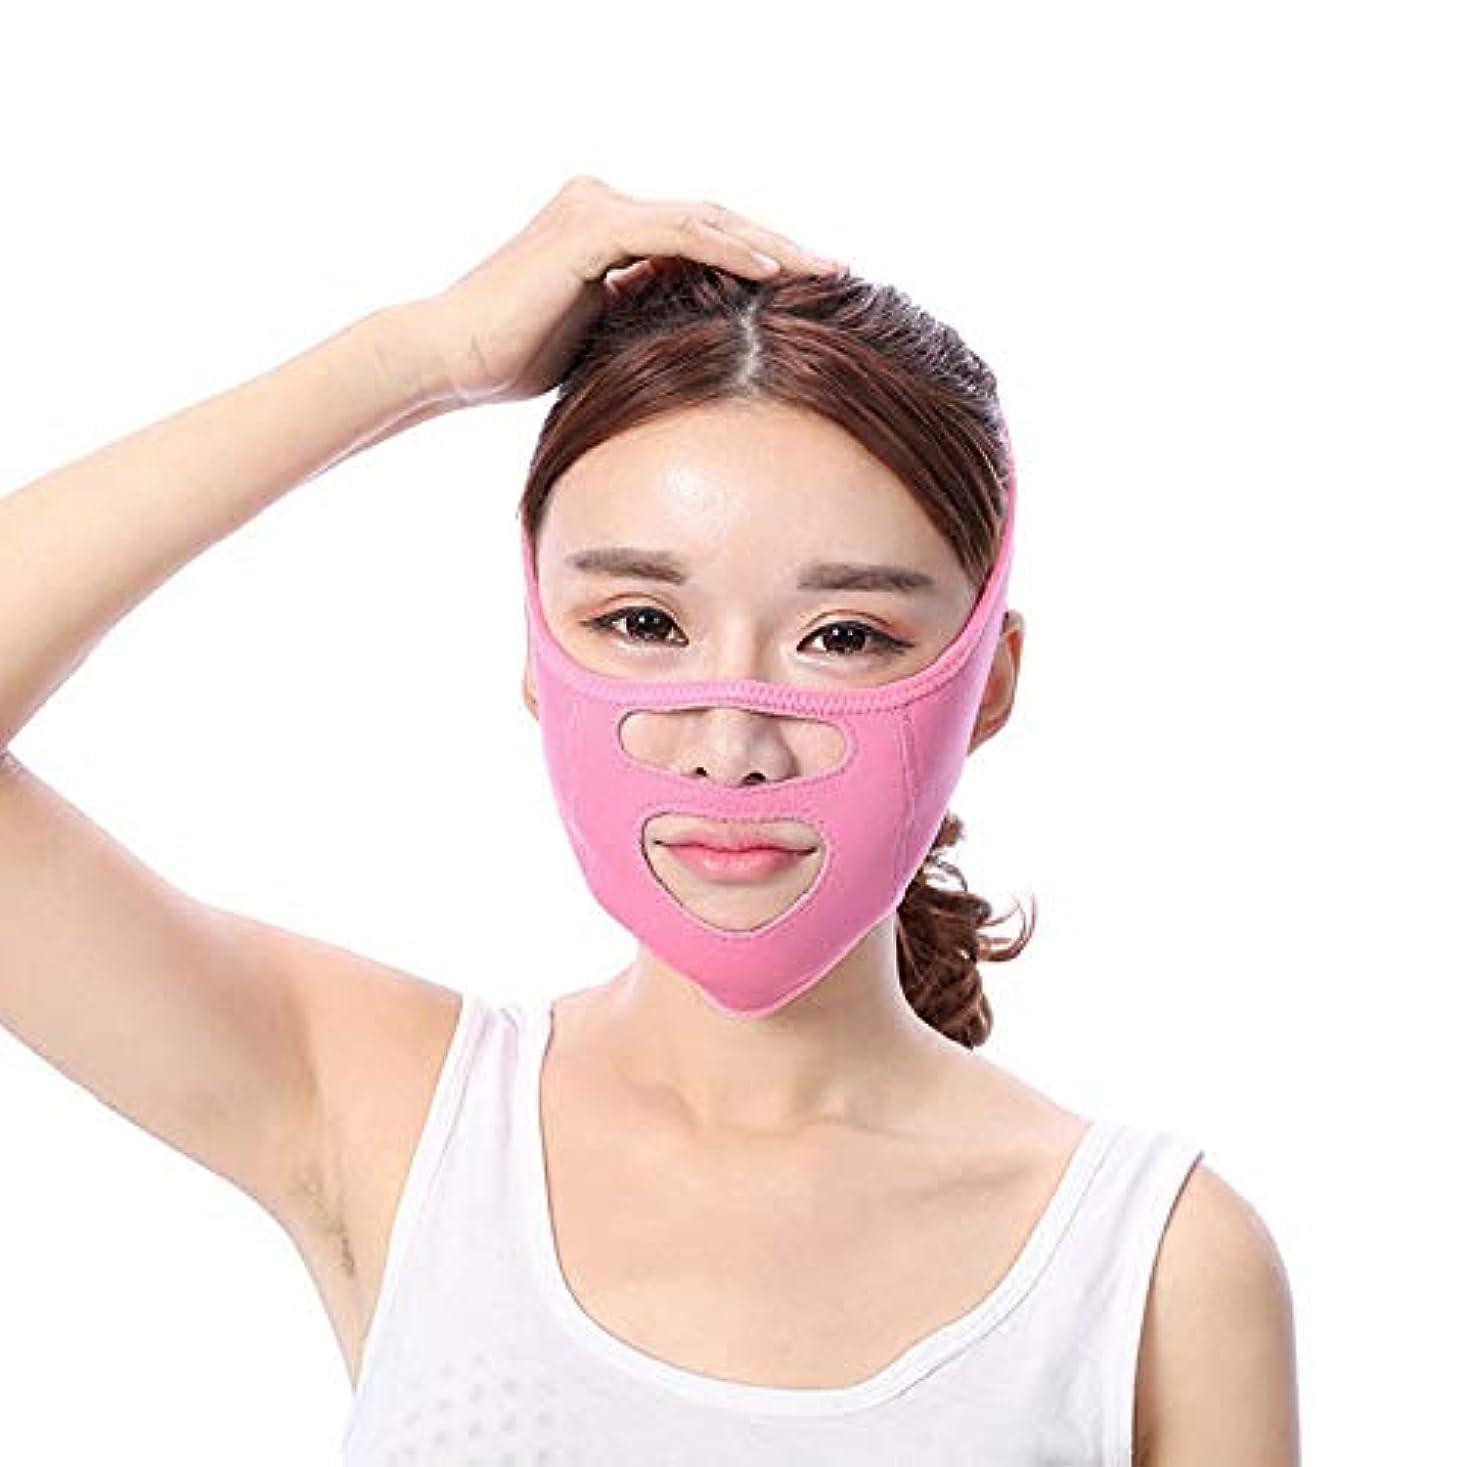 彼らの田舎者熱望するフェイスリフトベルト フェイスリフトベルトフェイスバンデージ美容機器リフティングファインディングダブルチン法令Vマスク睡眠マスク通気性